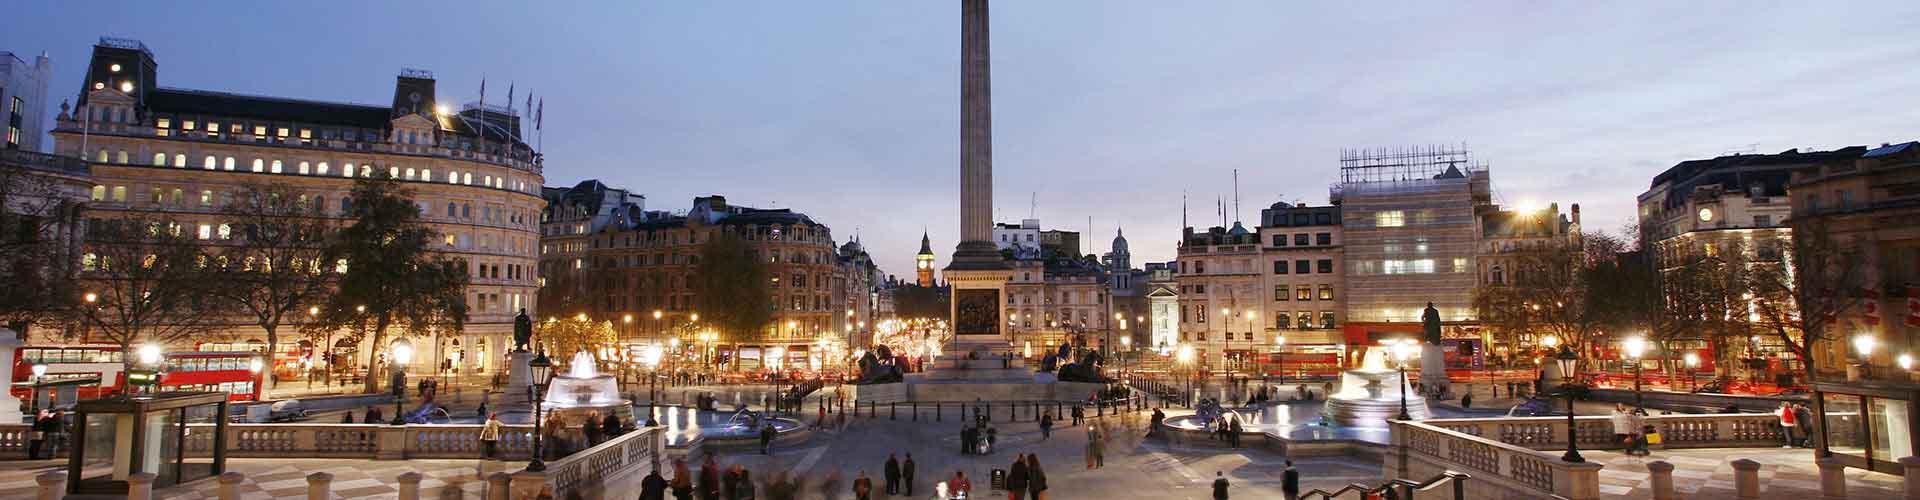 伦敦 – Nelson's Column附近的青年旅舍。伦敦地图,伦敦每家青年旅舍的照片和评价。